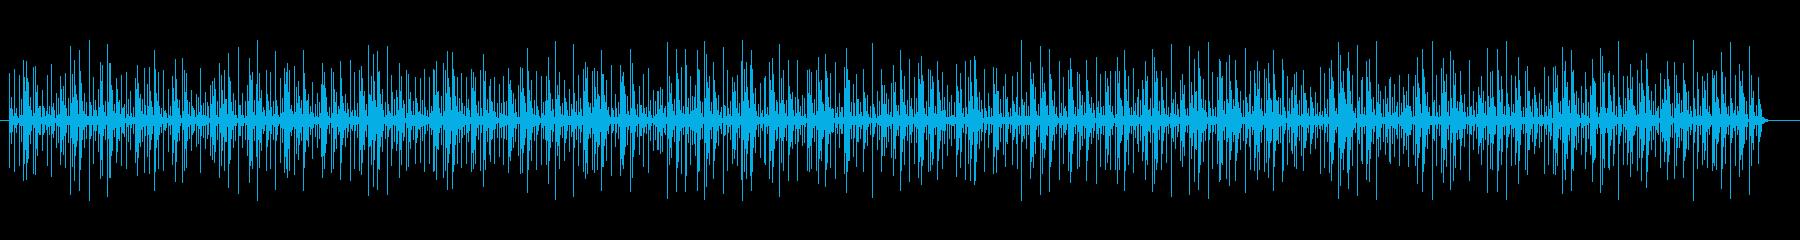 コンガのリズムBGM テンポ100ですの再生済みの波形